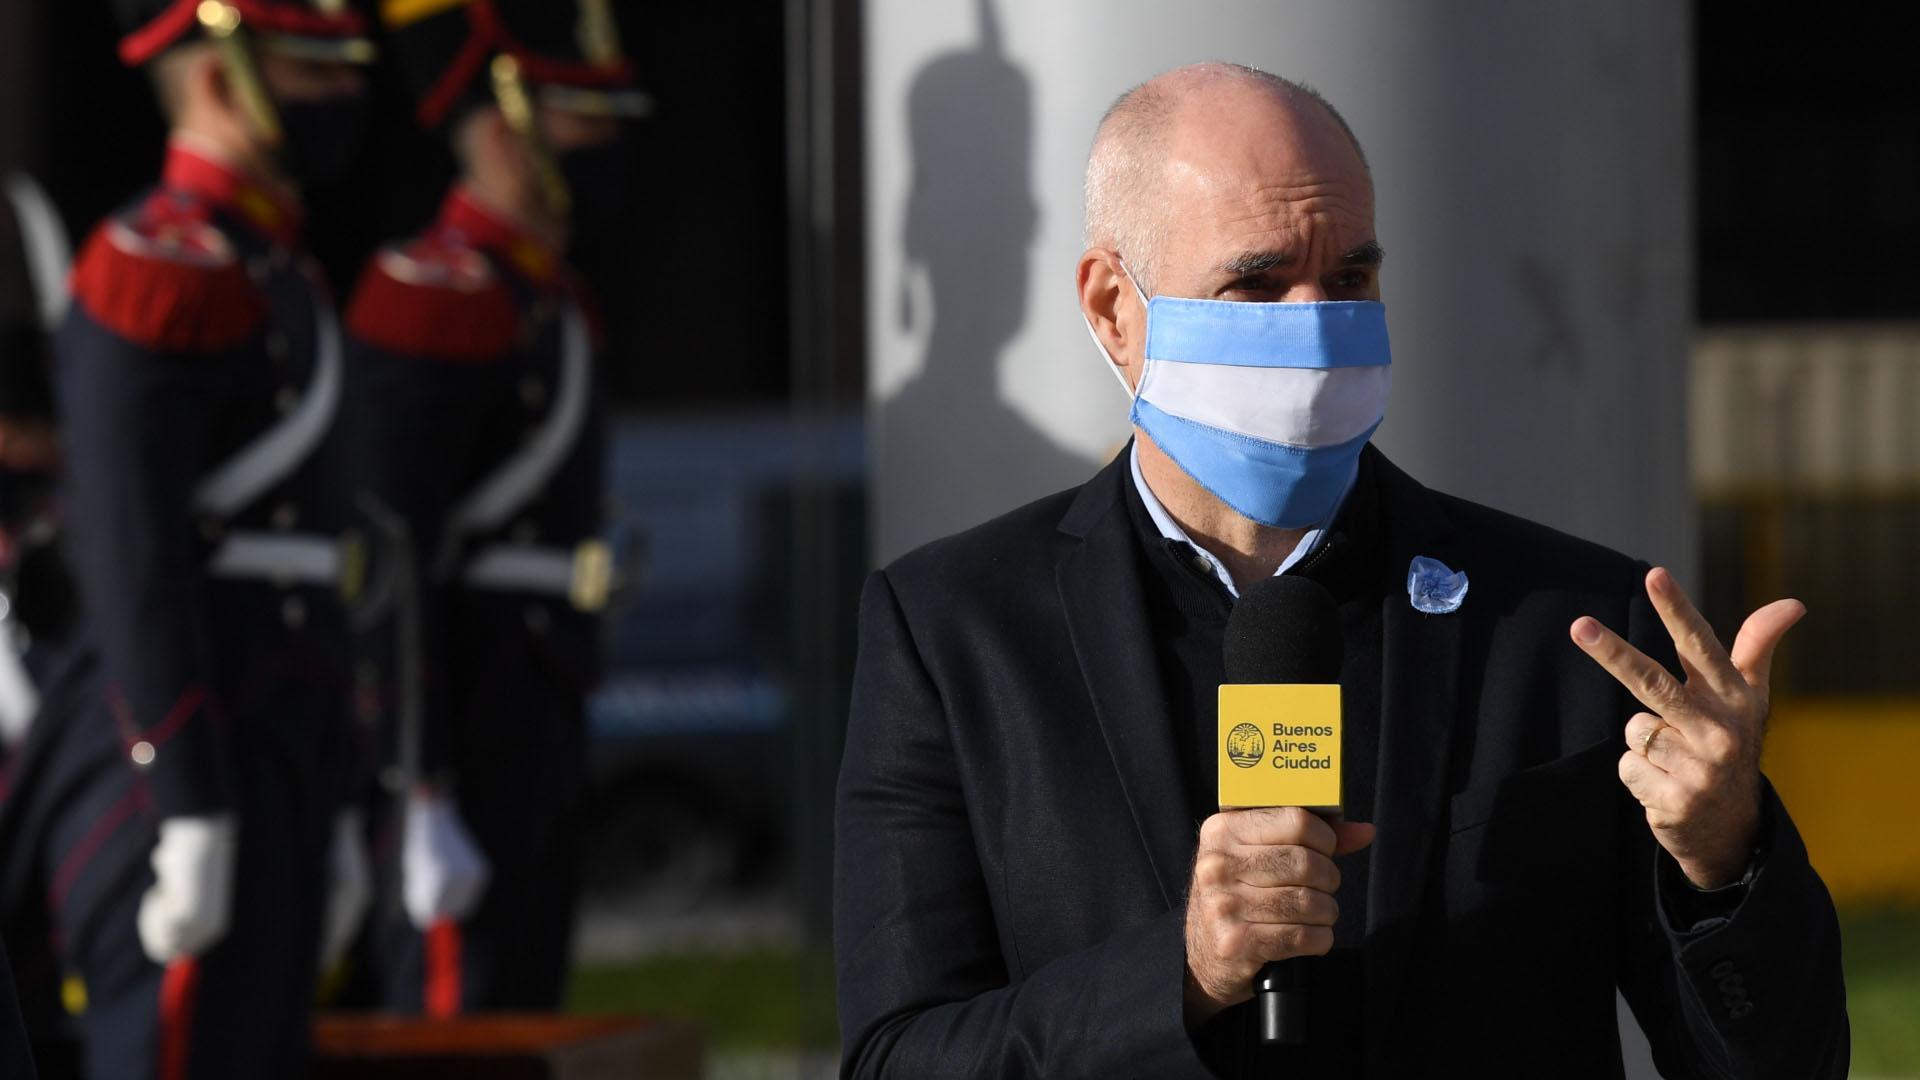 El jefe de Gobierno porteño, Horacio Rodríguez Larreta, participó esta mañana del acto de izamiento de la bandera que se realizó en Plaza de Mayo